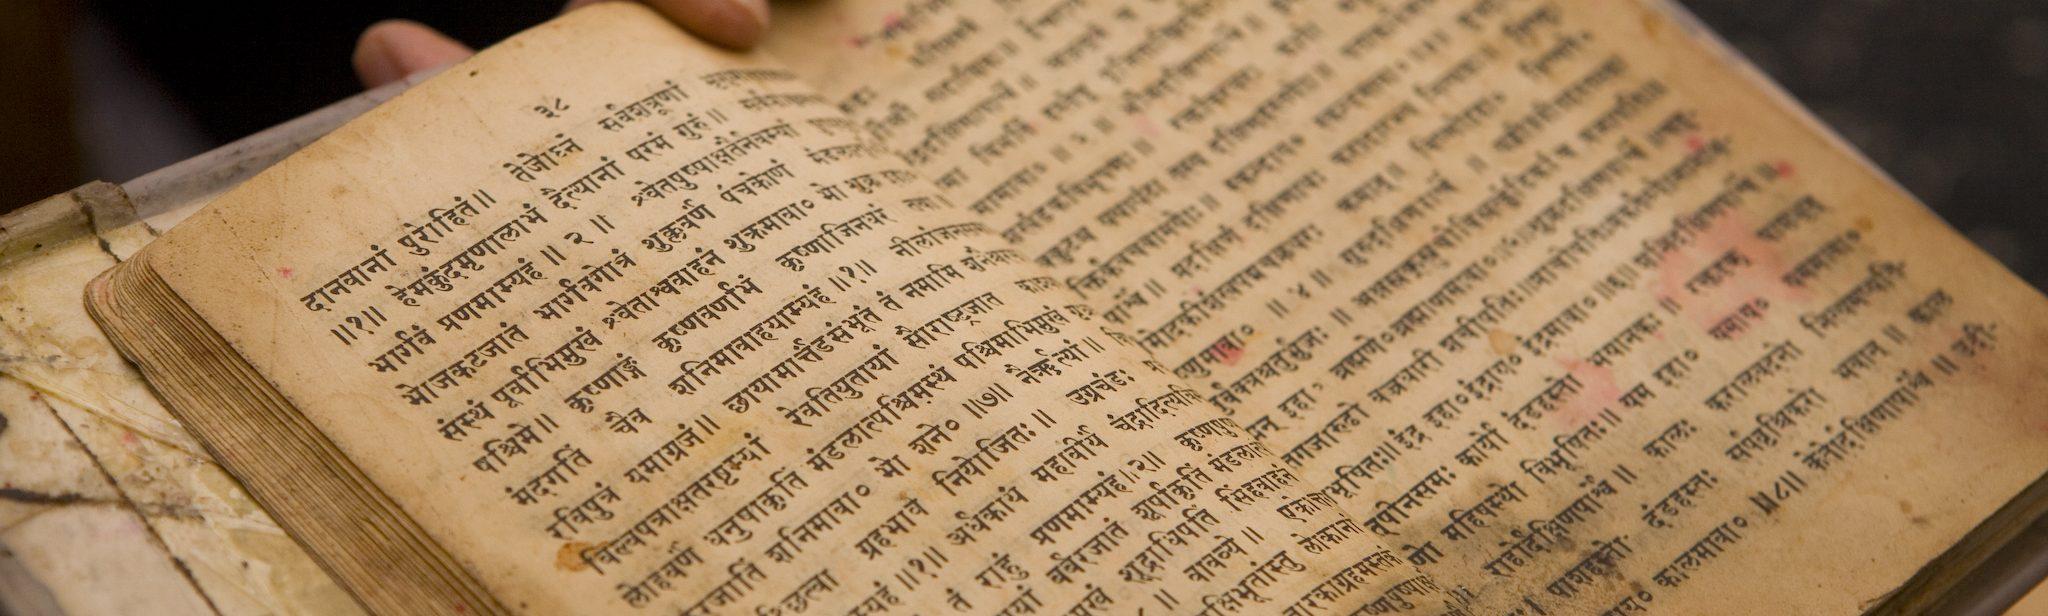 Apuntes de sánscrito